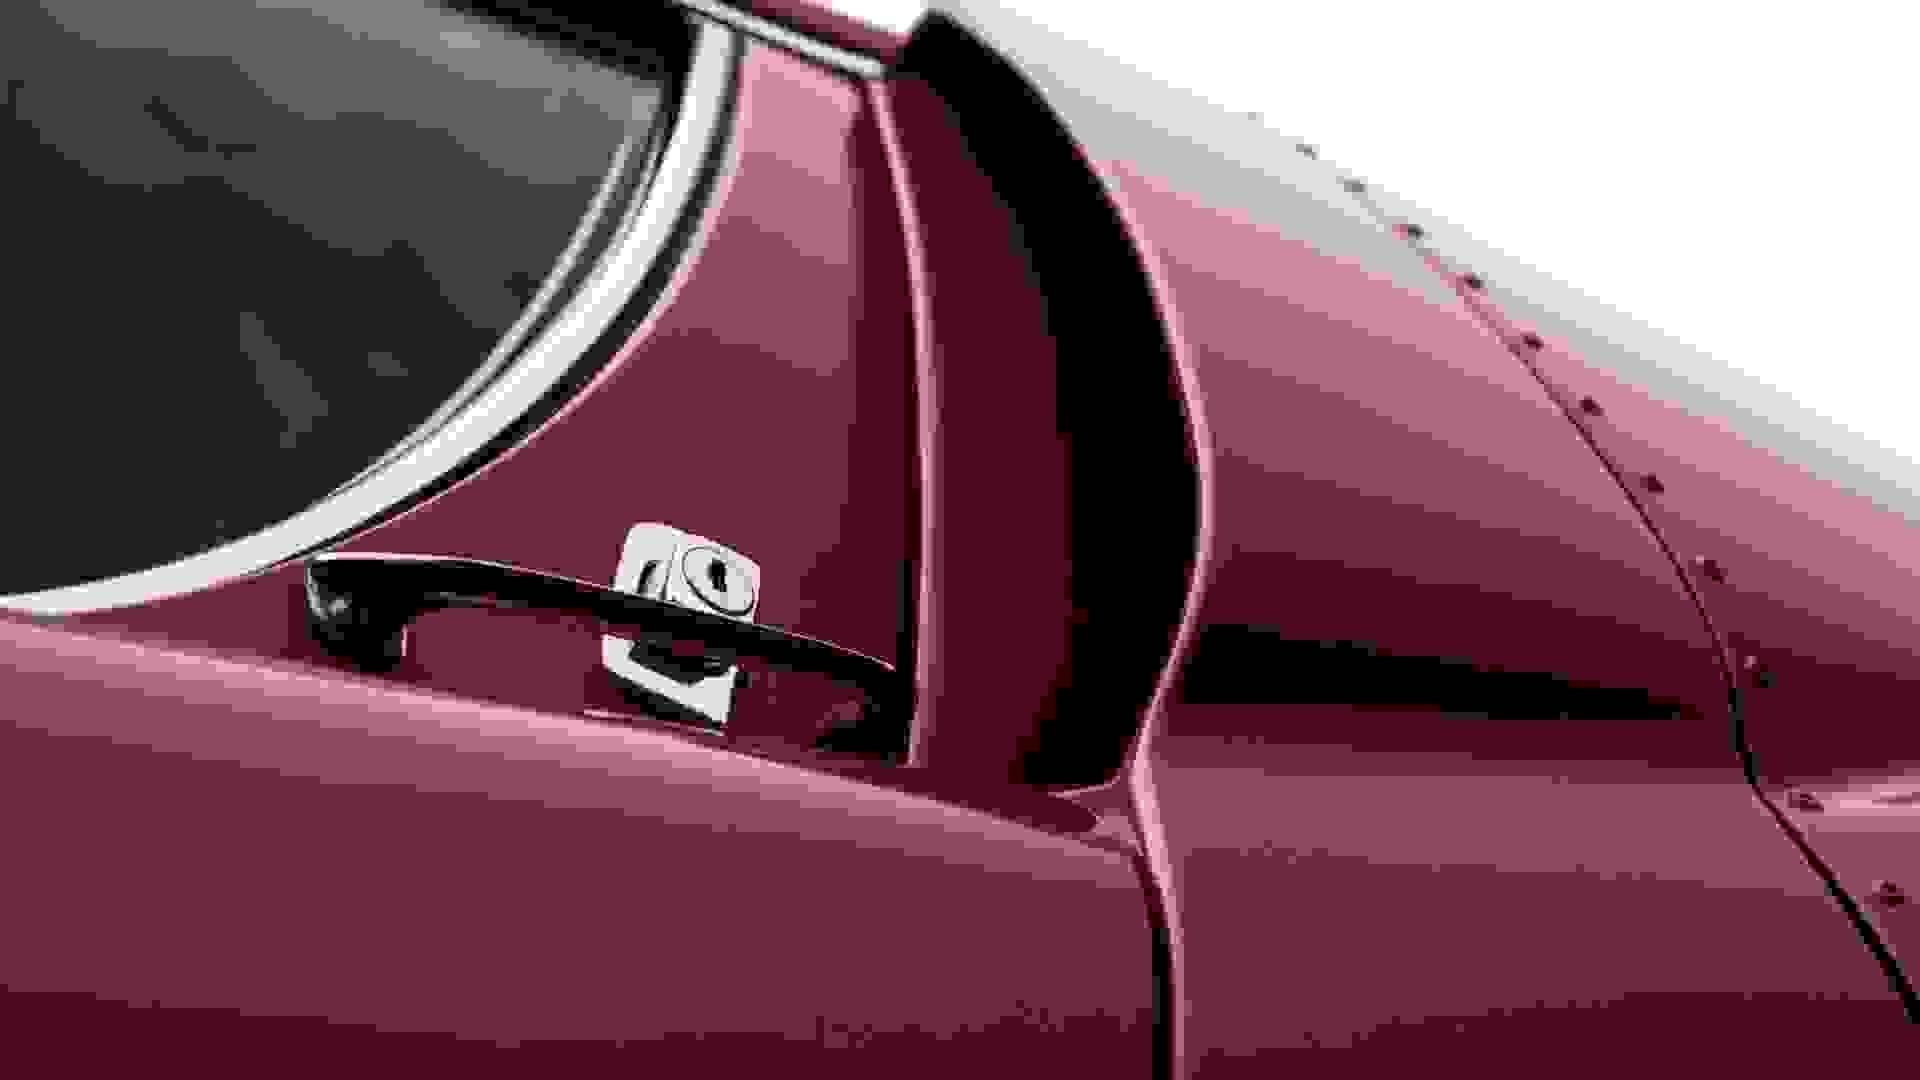 Lamborghini_Miura_SVJ_sale-0009